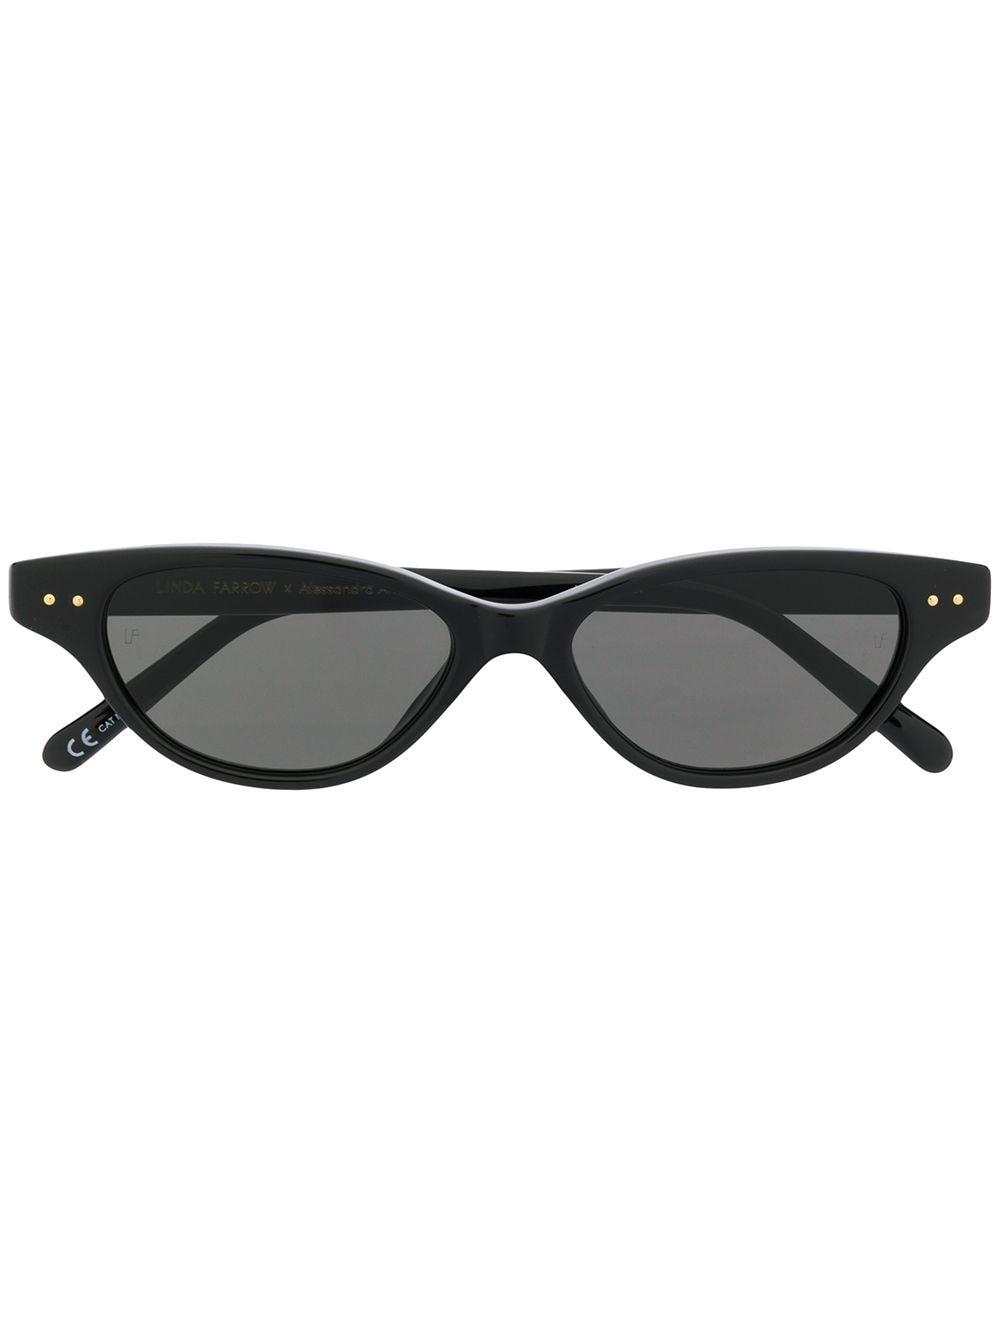 Linda Farrow Sonnenbrille mit ovalem Gestell - Schwarz